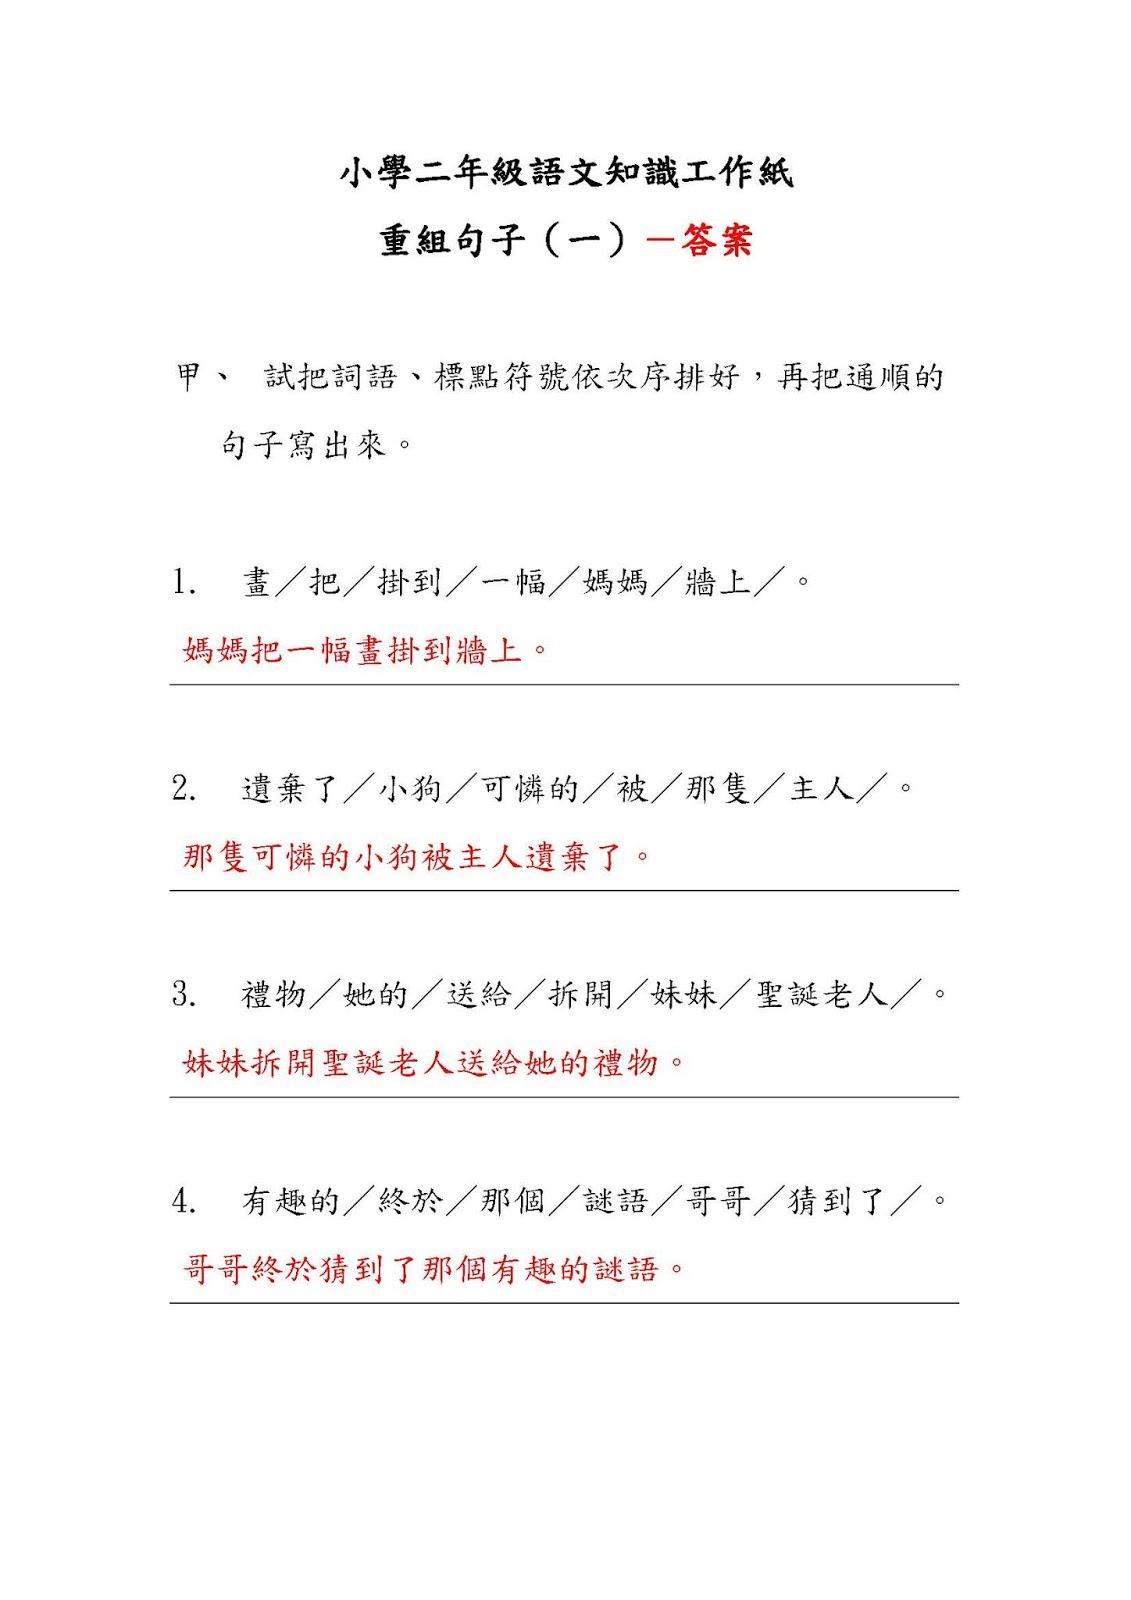 小二語文知識工作紙:重組句子(一)|中文工作紙|尤莉姐姐的反轉學堂